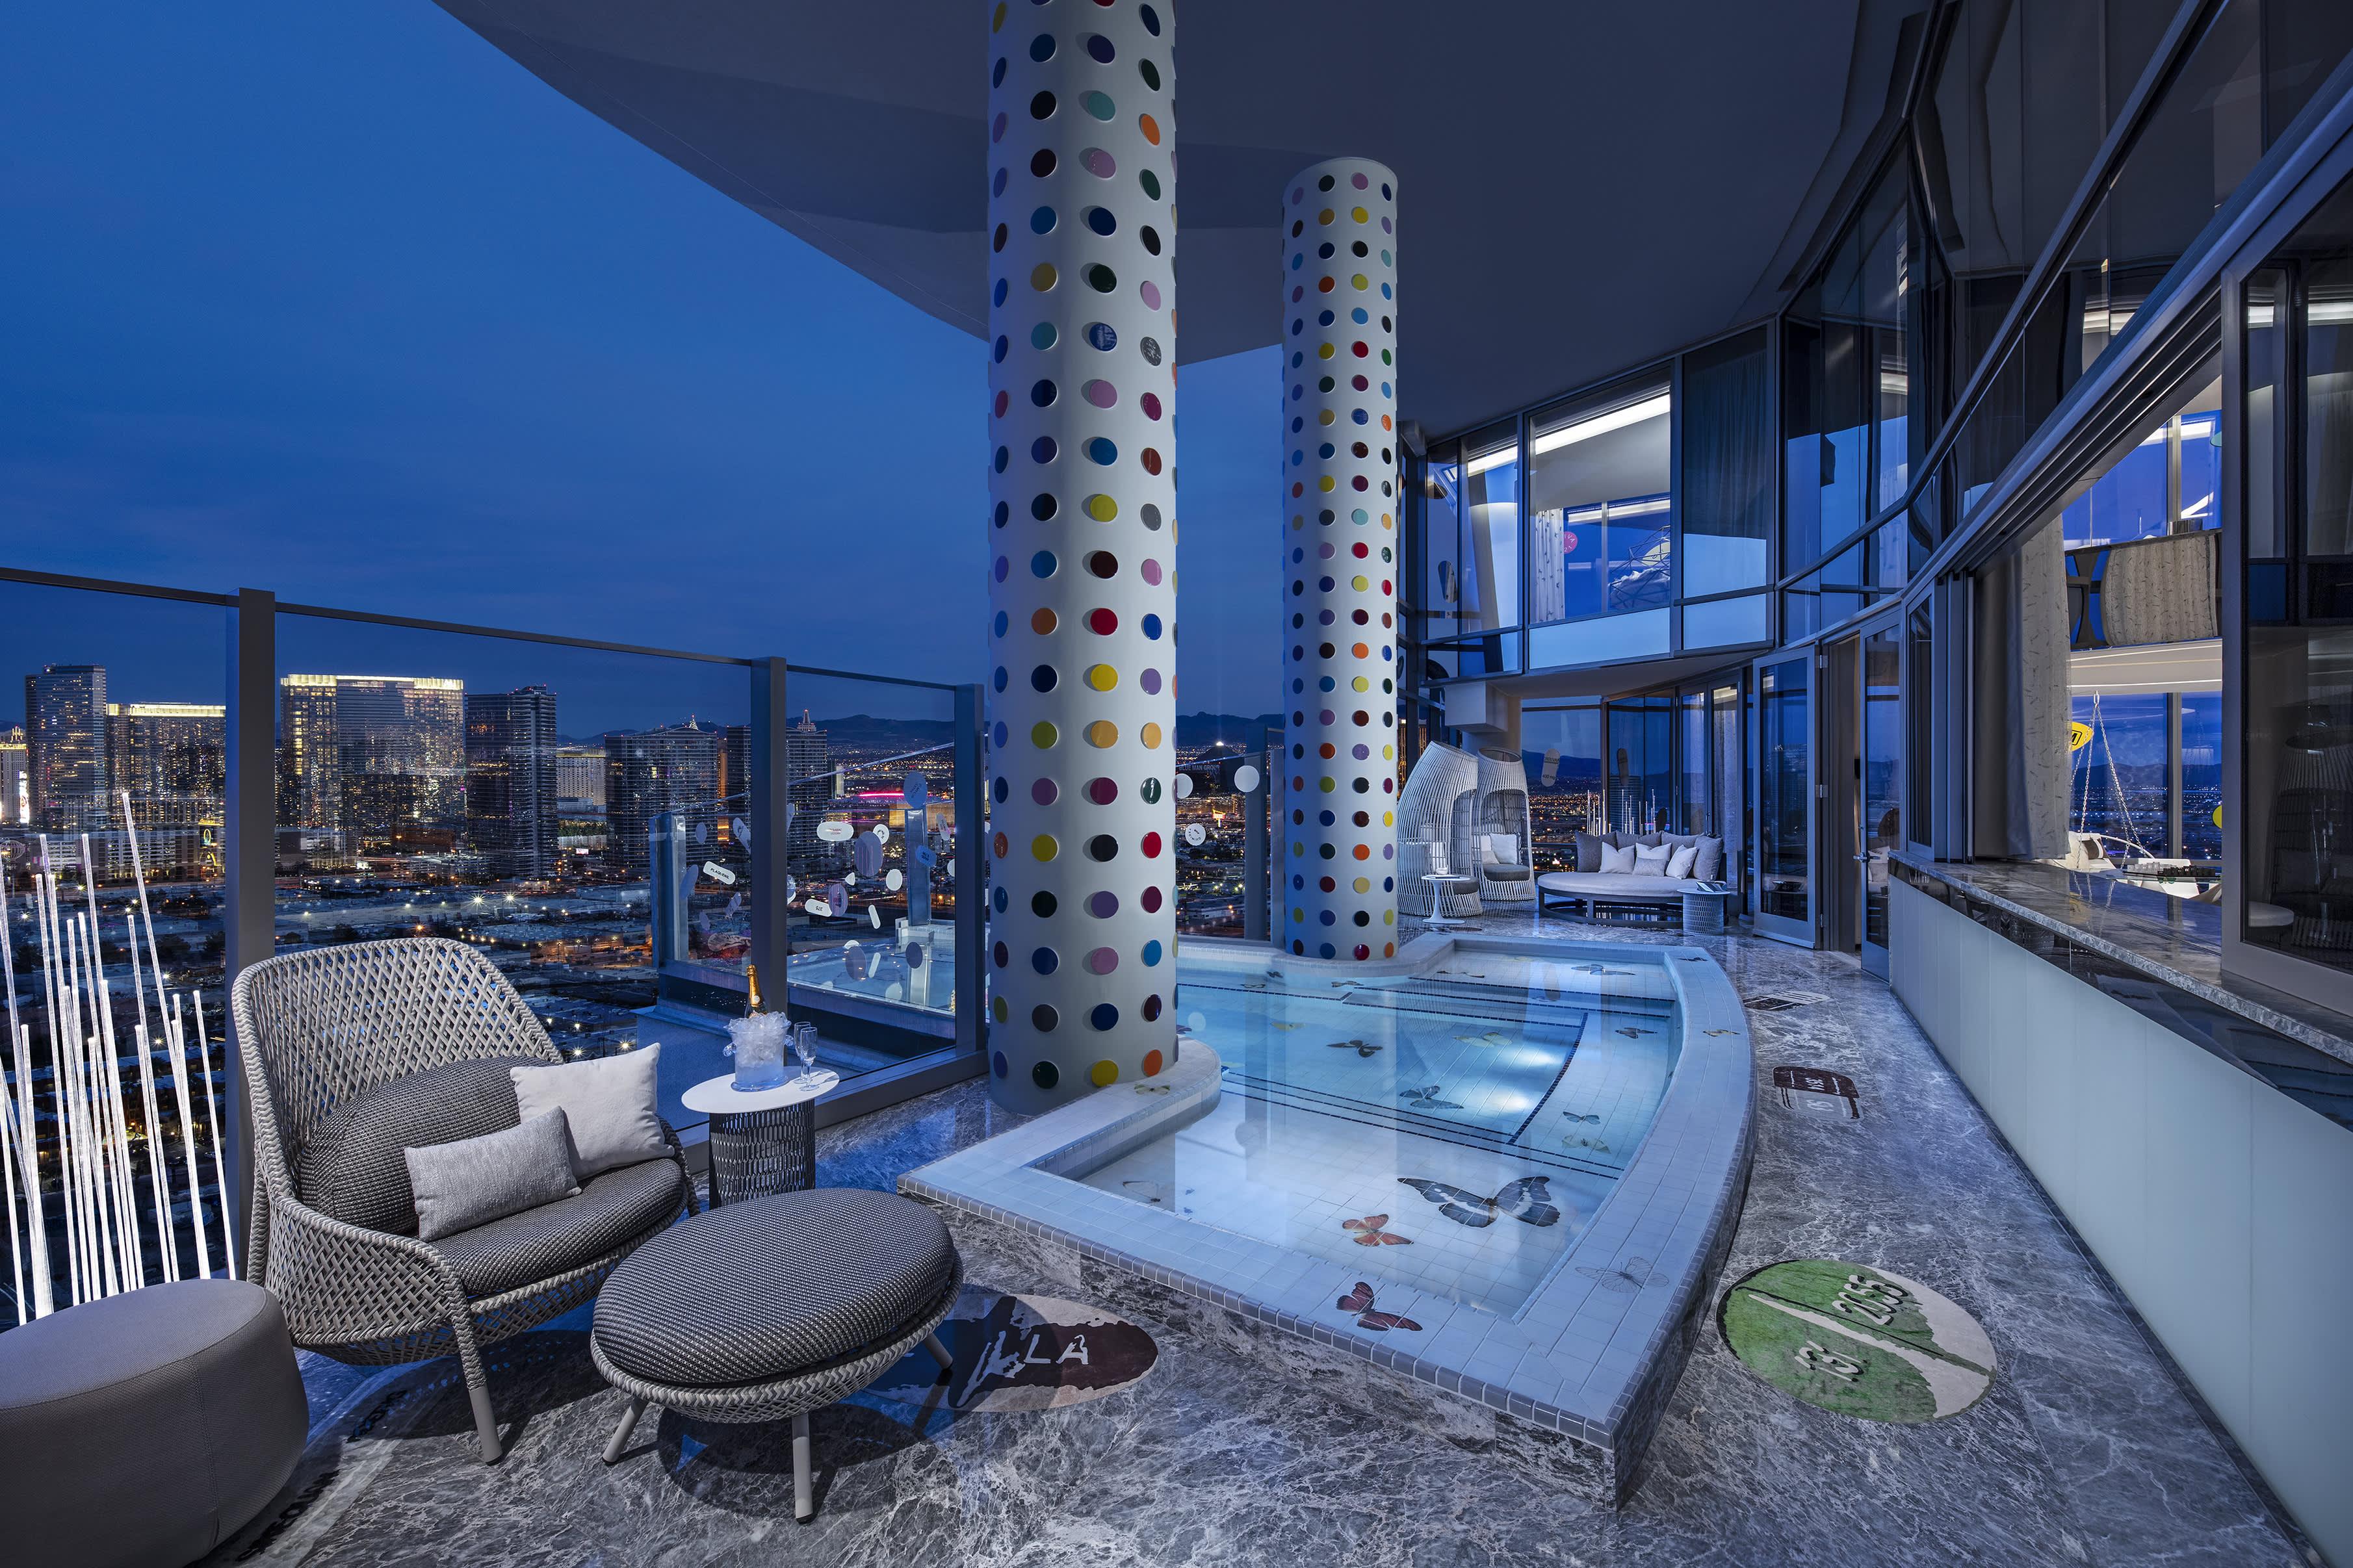 Palms Casino Resort Of World'